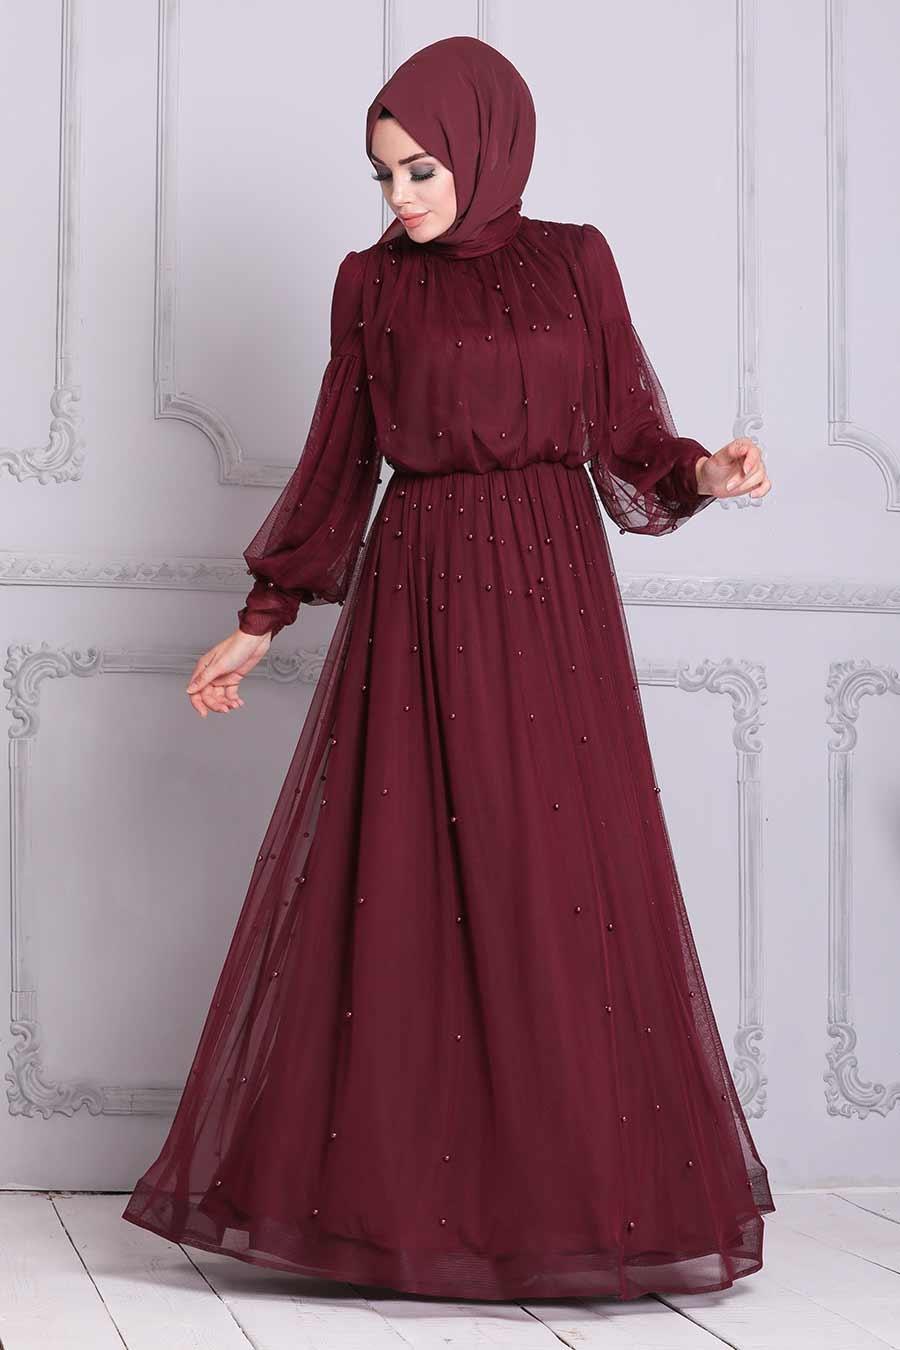 Tesettürlü Abiye Elbise - Boncuk Detaylı Bordo Tesettür Abiye Elbise 4115BR